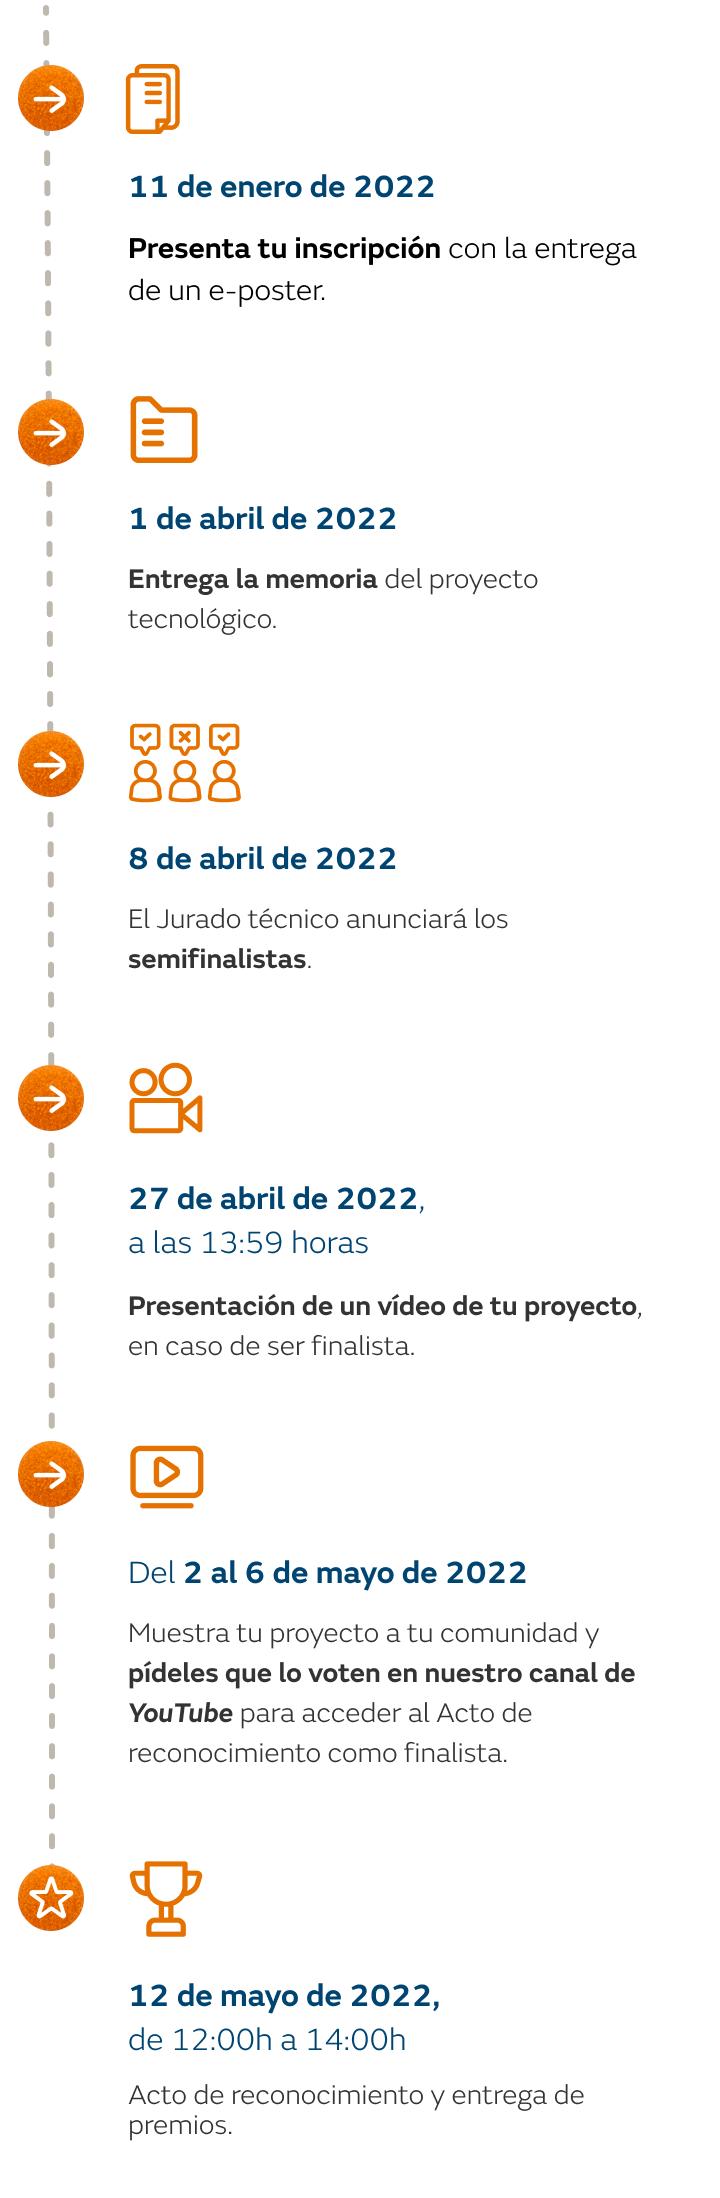 20210909_infografia_hitos_efigy_mobile_ES